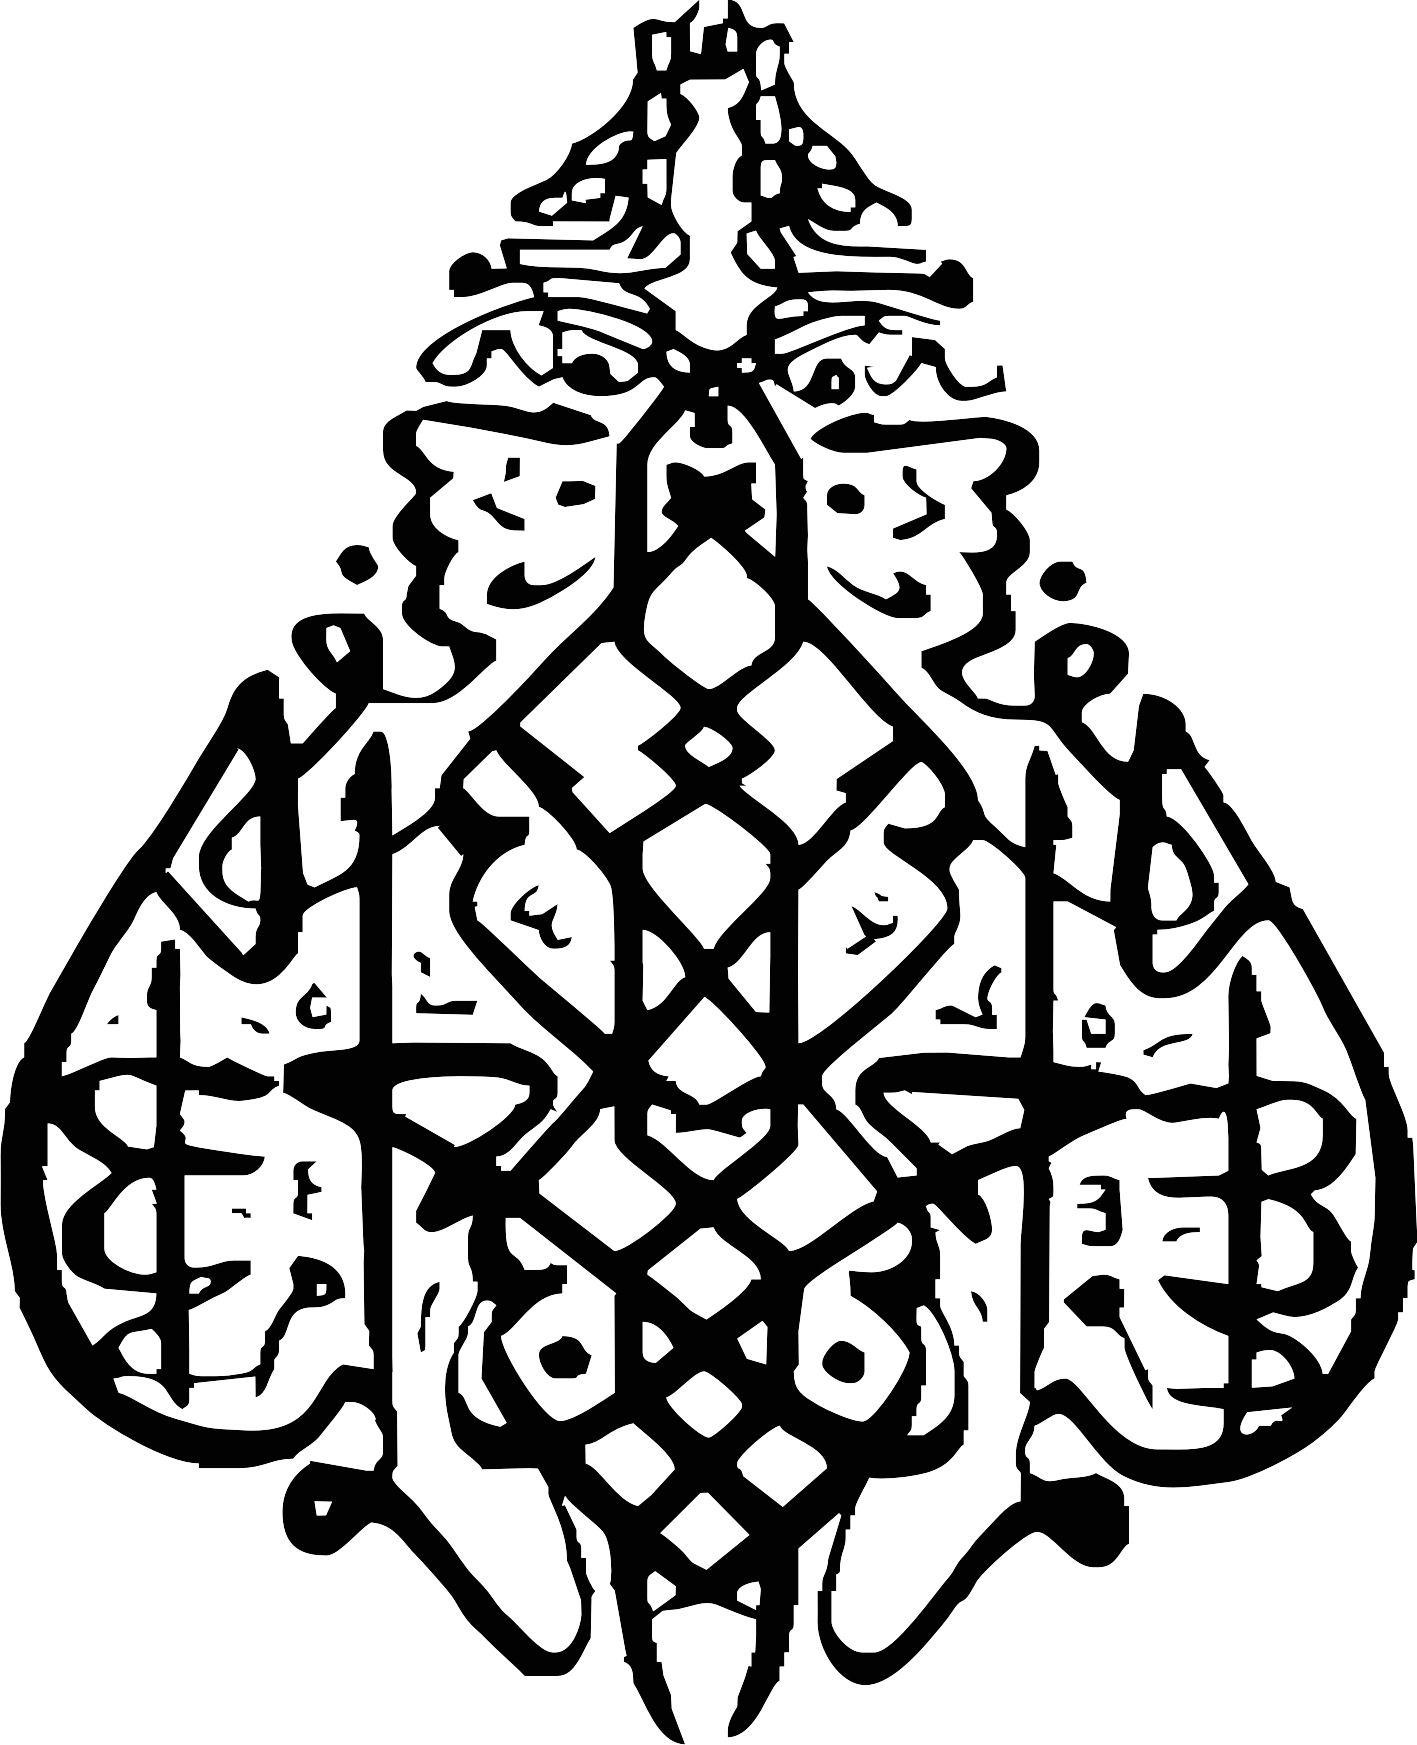 20 - طرح های  بسم الله الرحمن الرحیم برای مقاله و پایان نامه